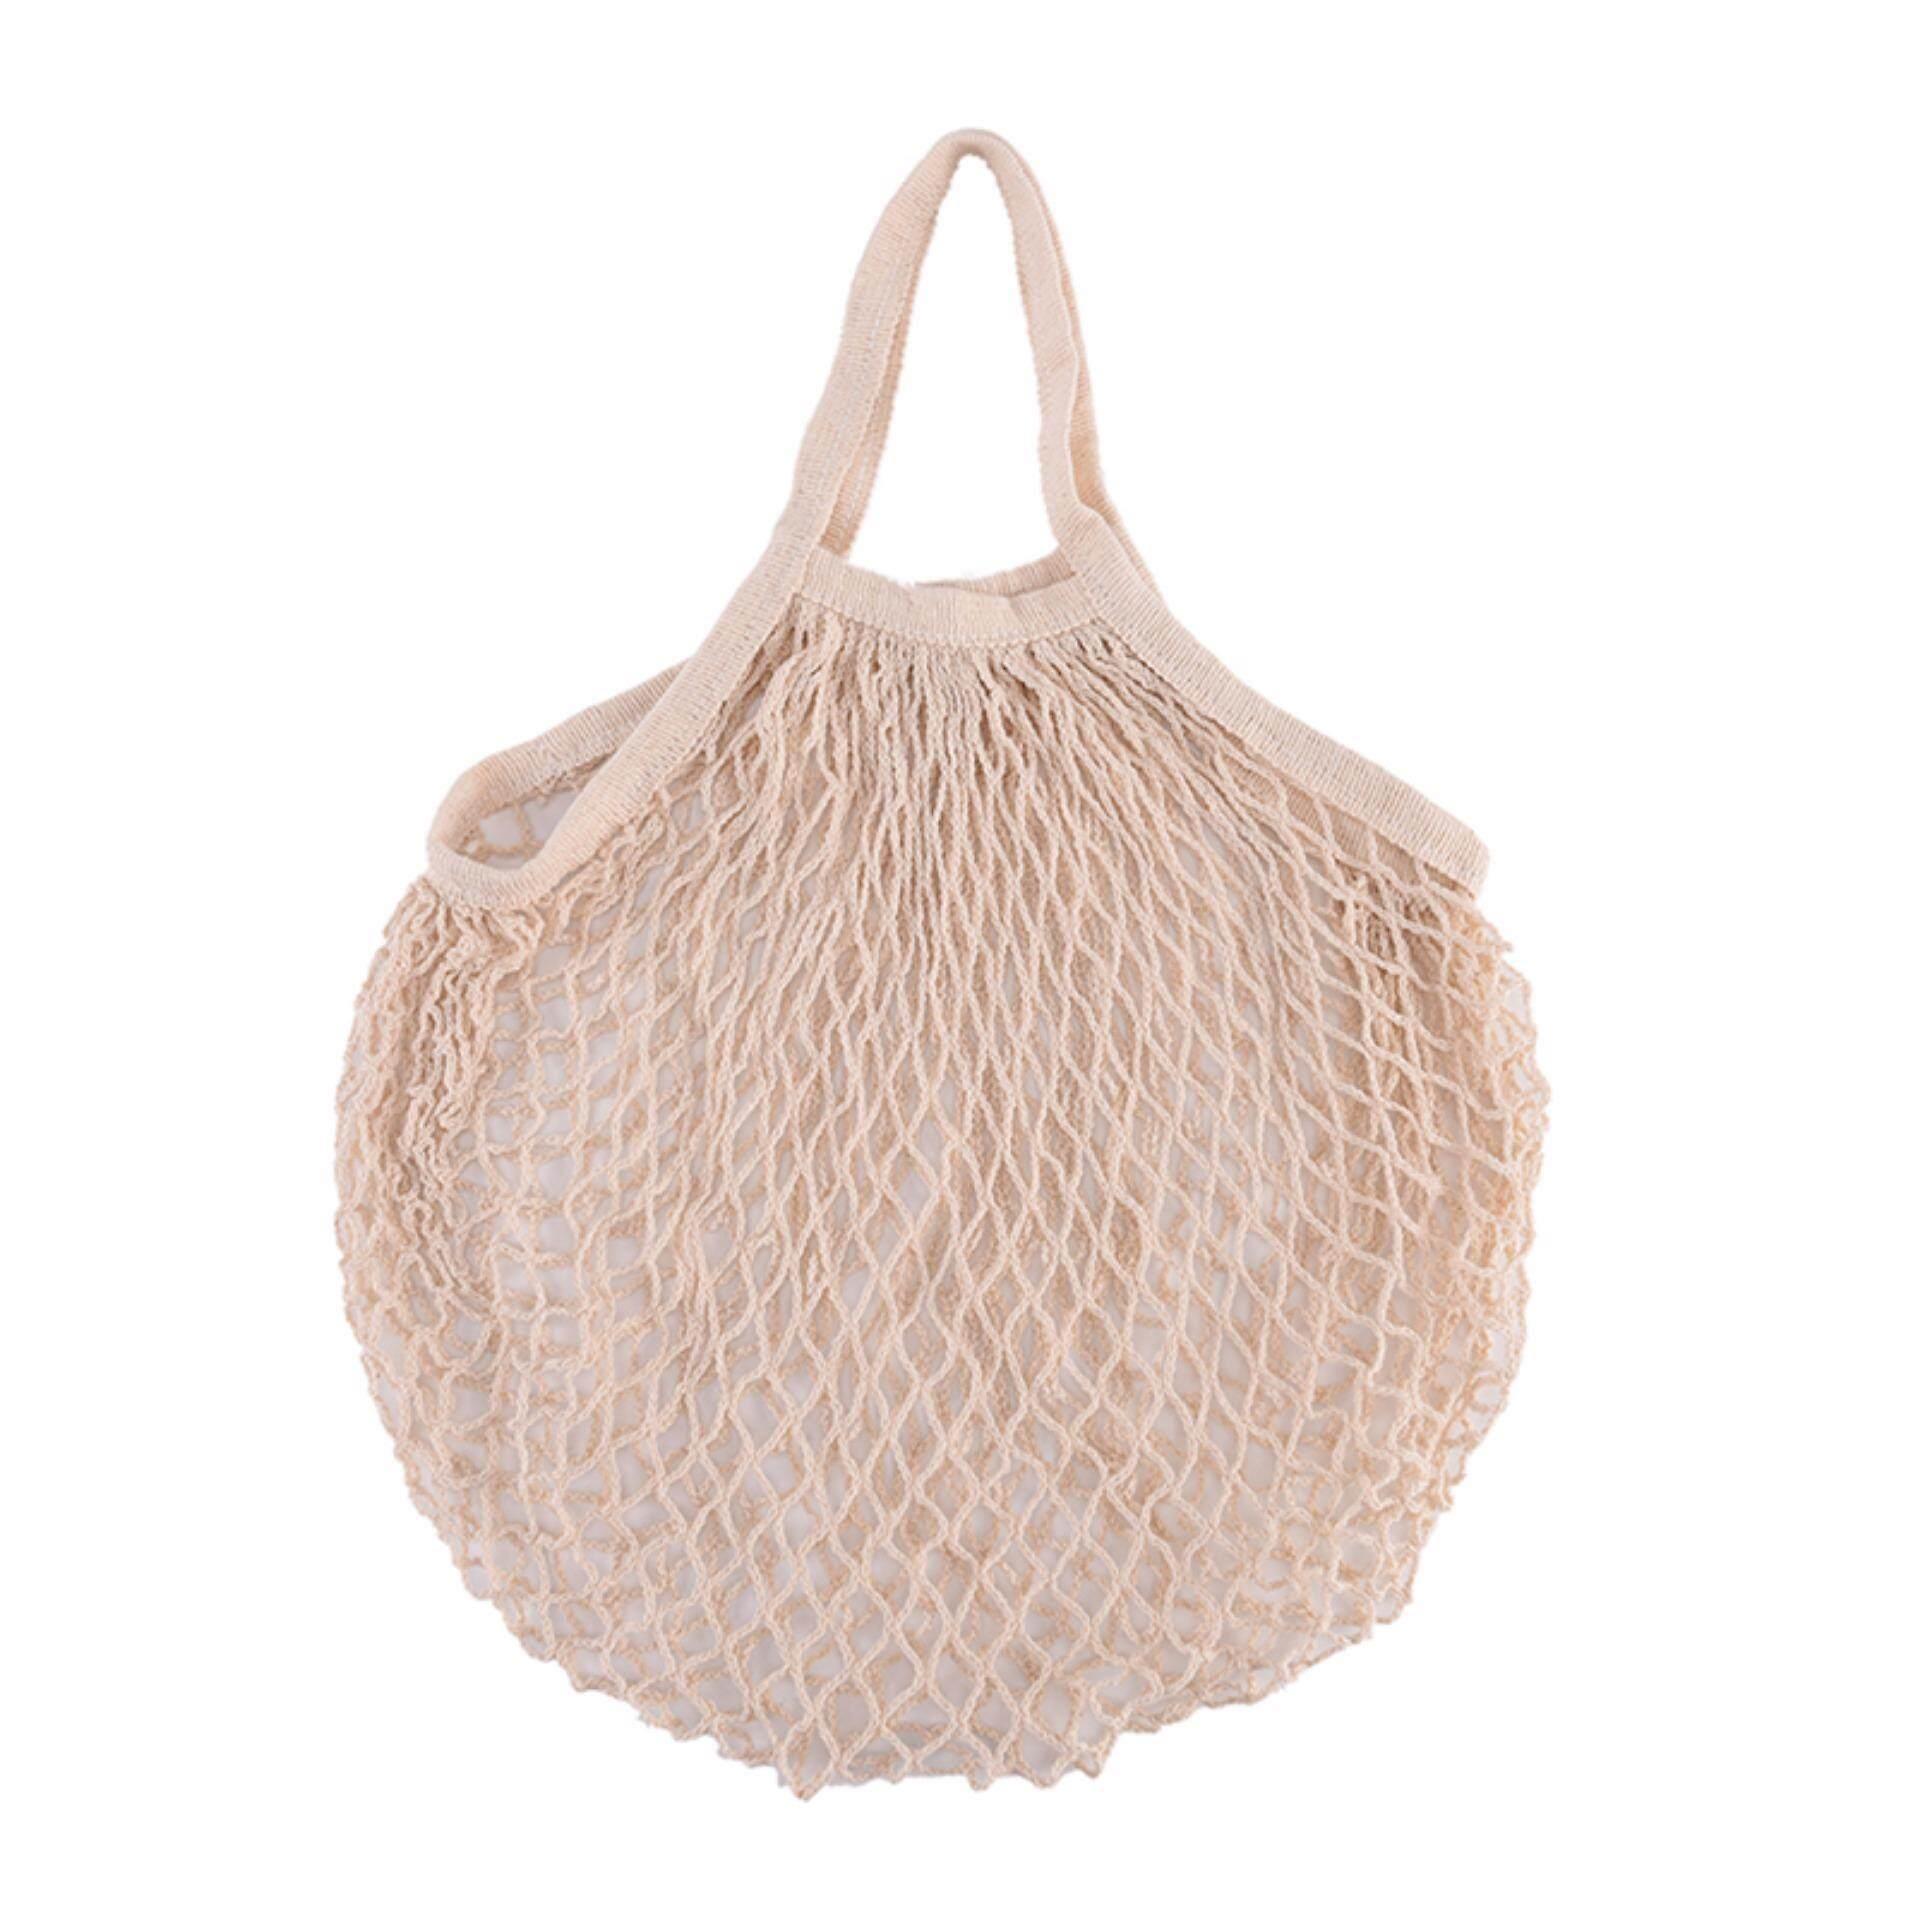 Eco Reusable Shopping String Grocery Handbags Woven Net Tote Mesh Bag Fishnet White